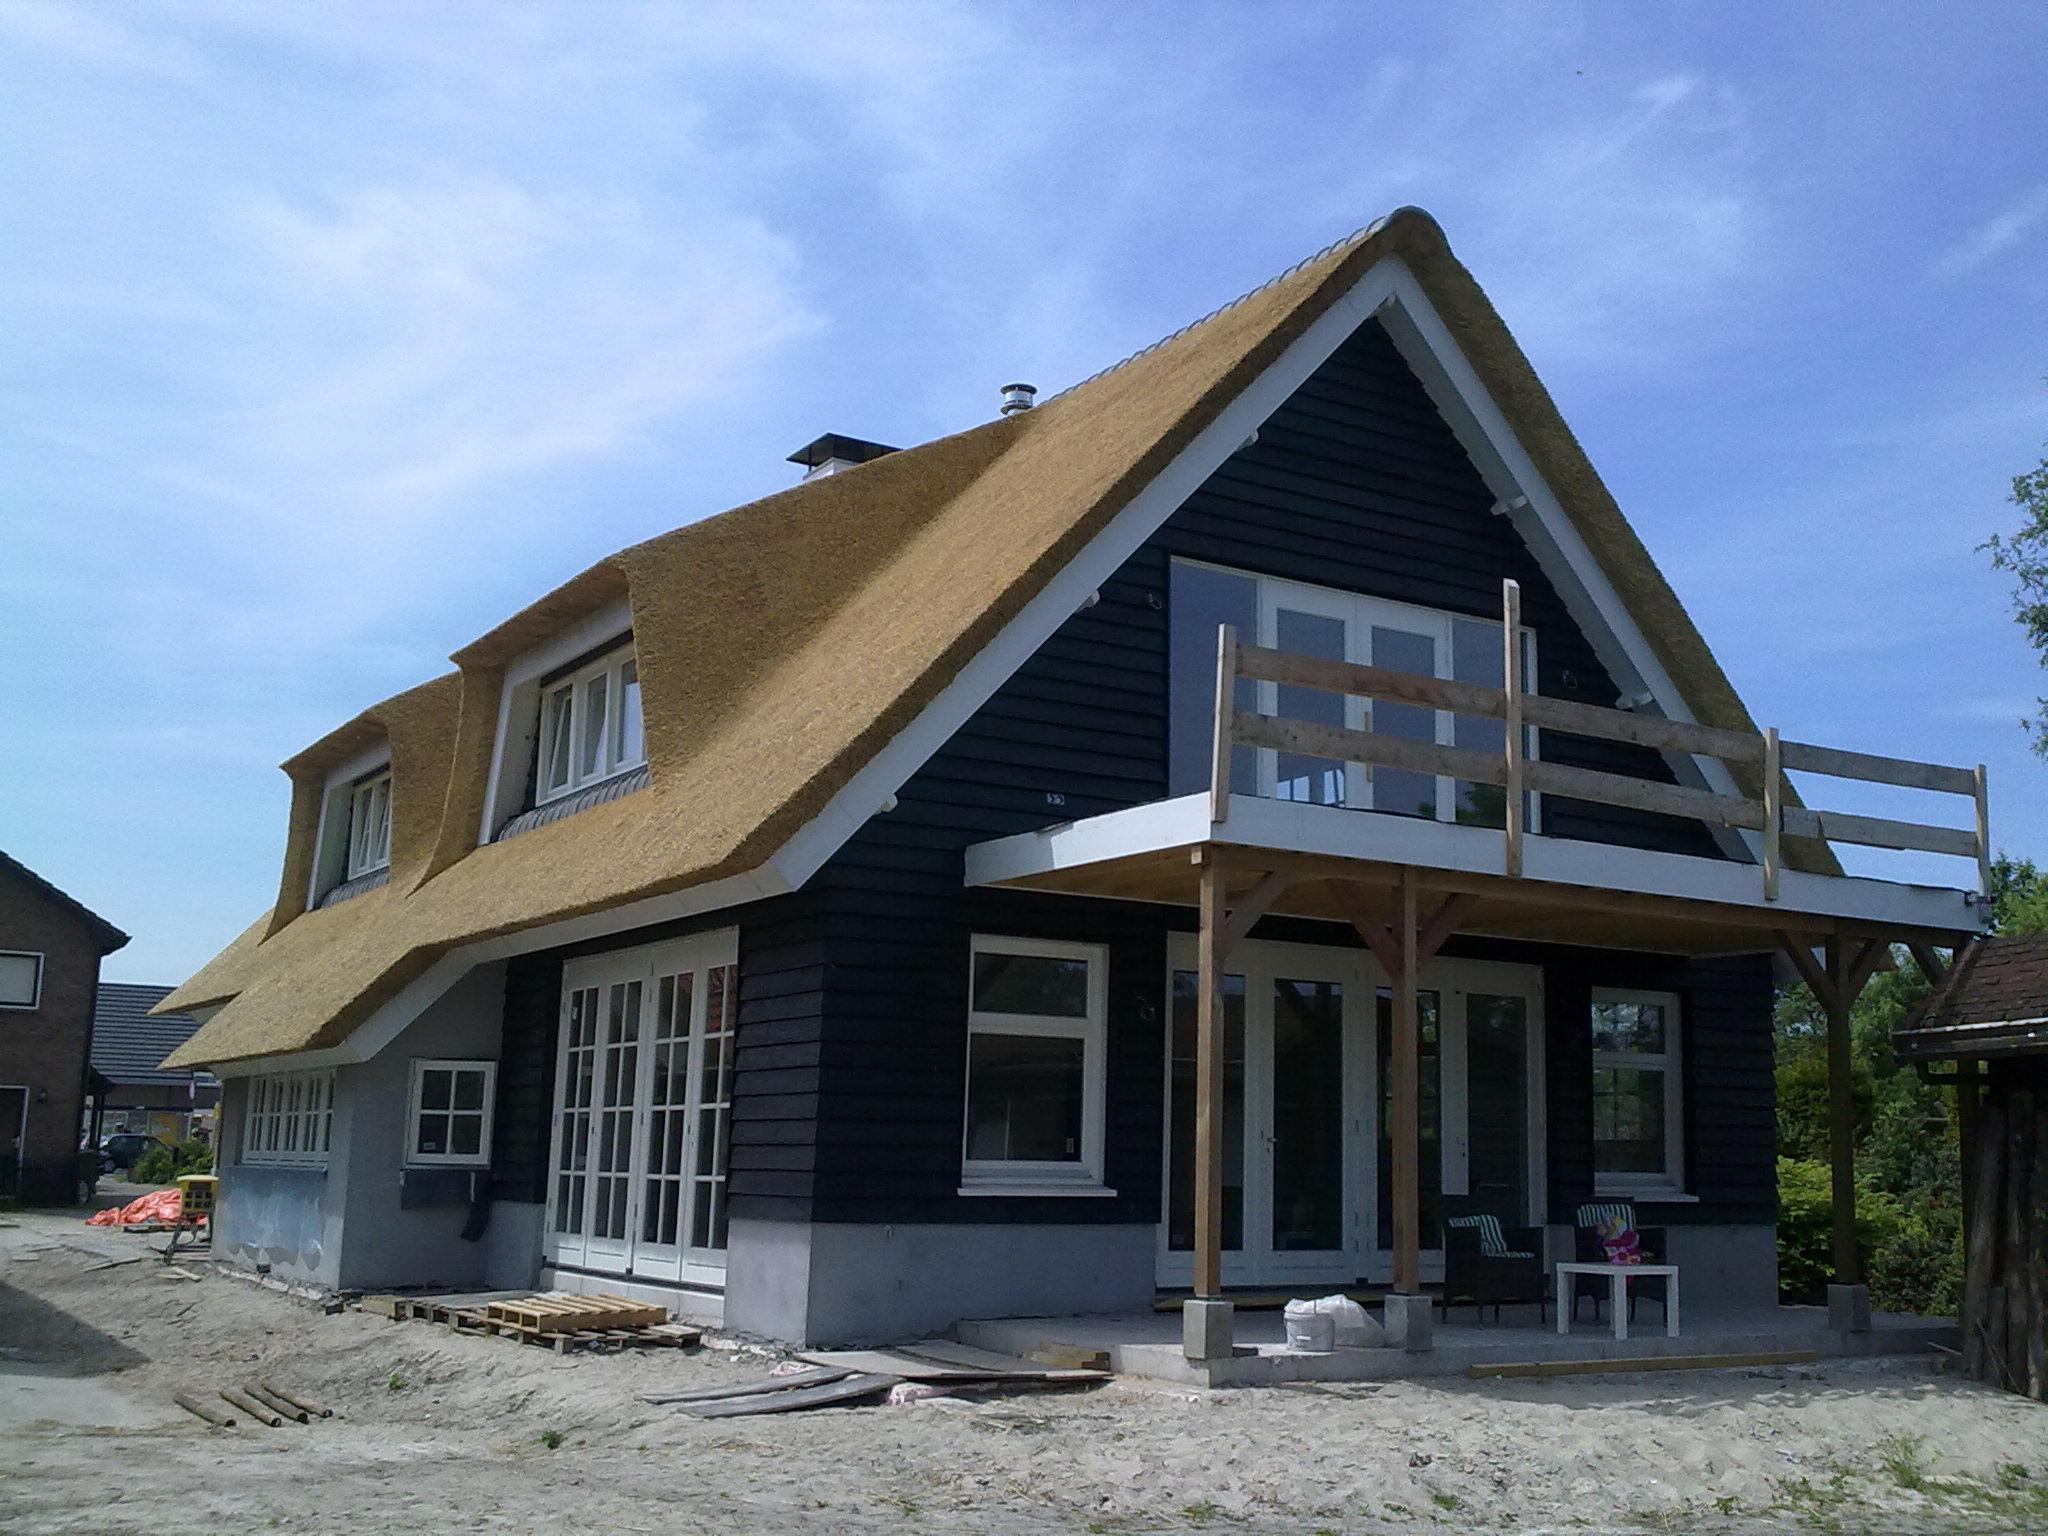 Meer dan 1000 afbeeldingen over huis landelijk modern op pinterest villa 39 s met en google - Modern stenen huis ...